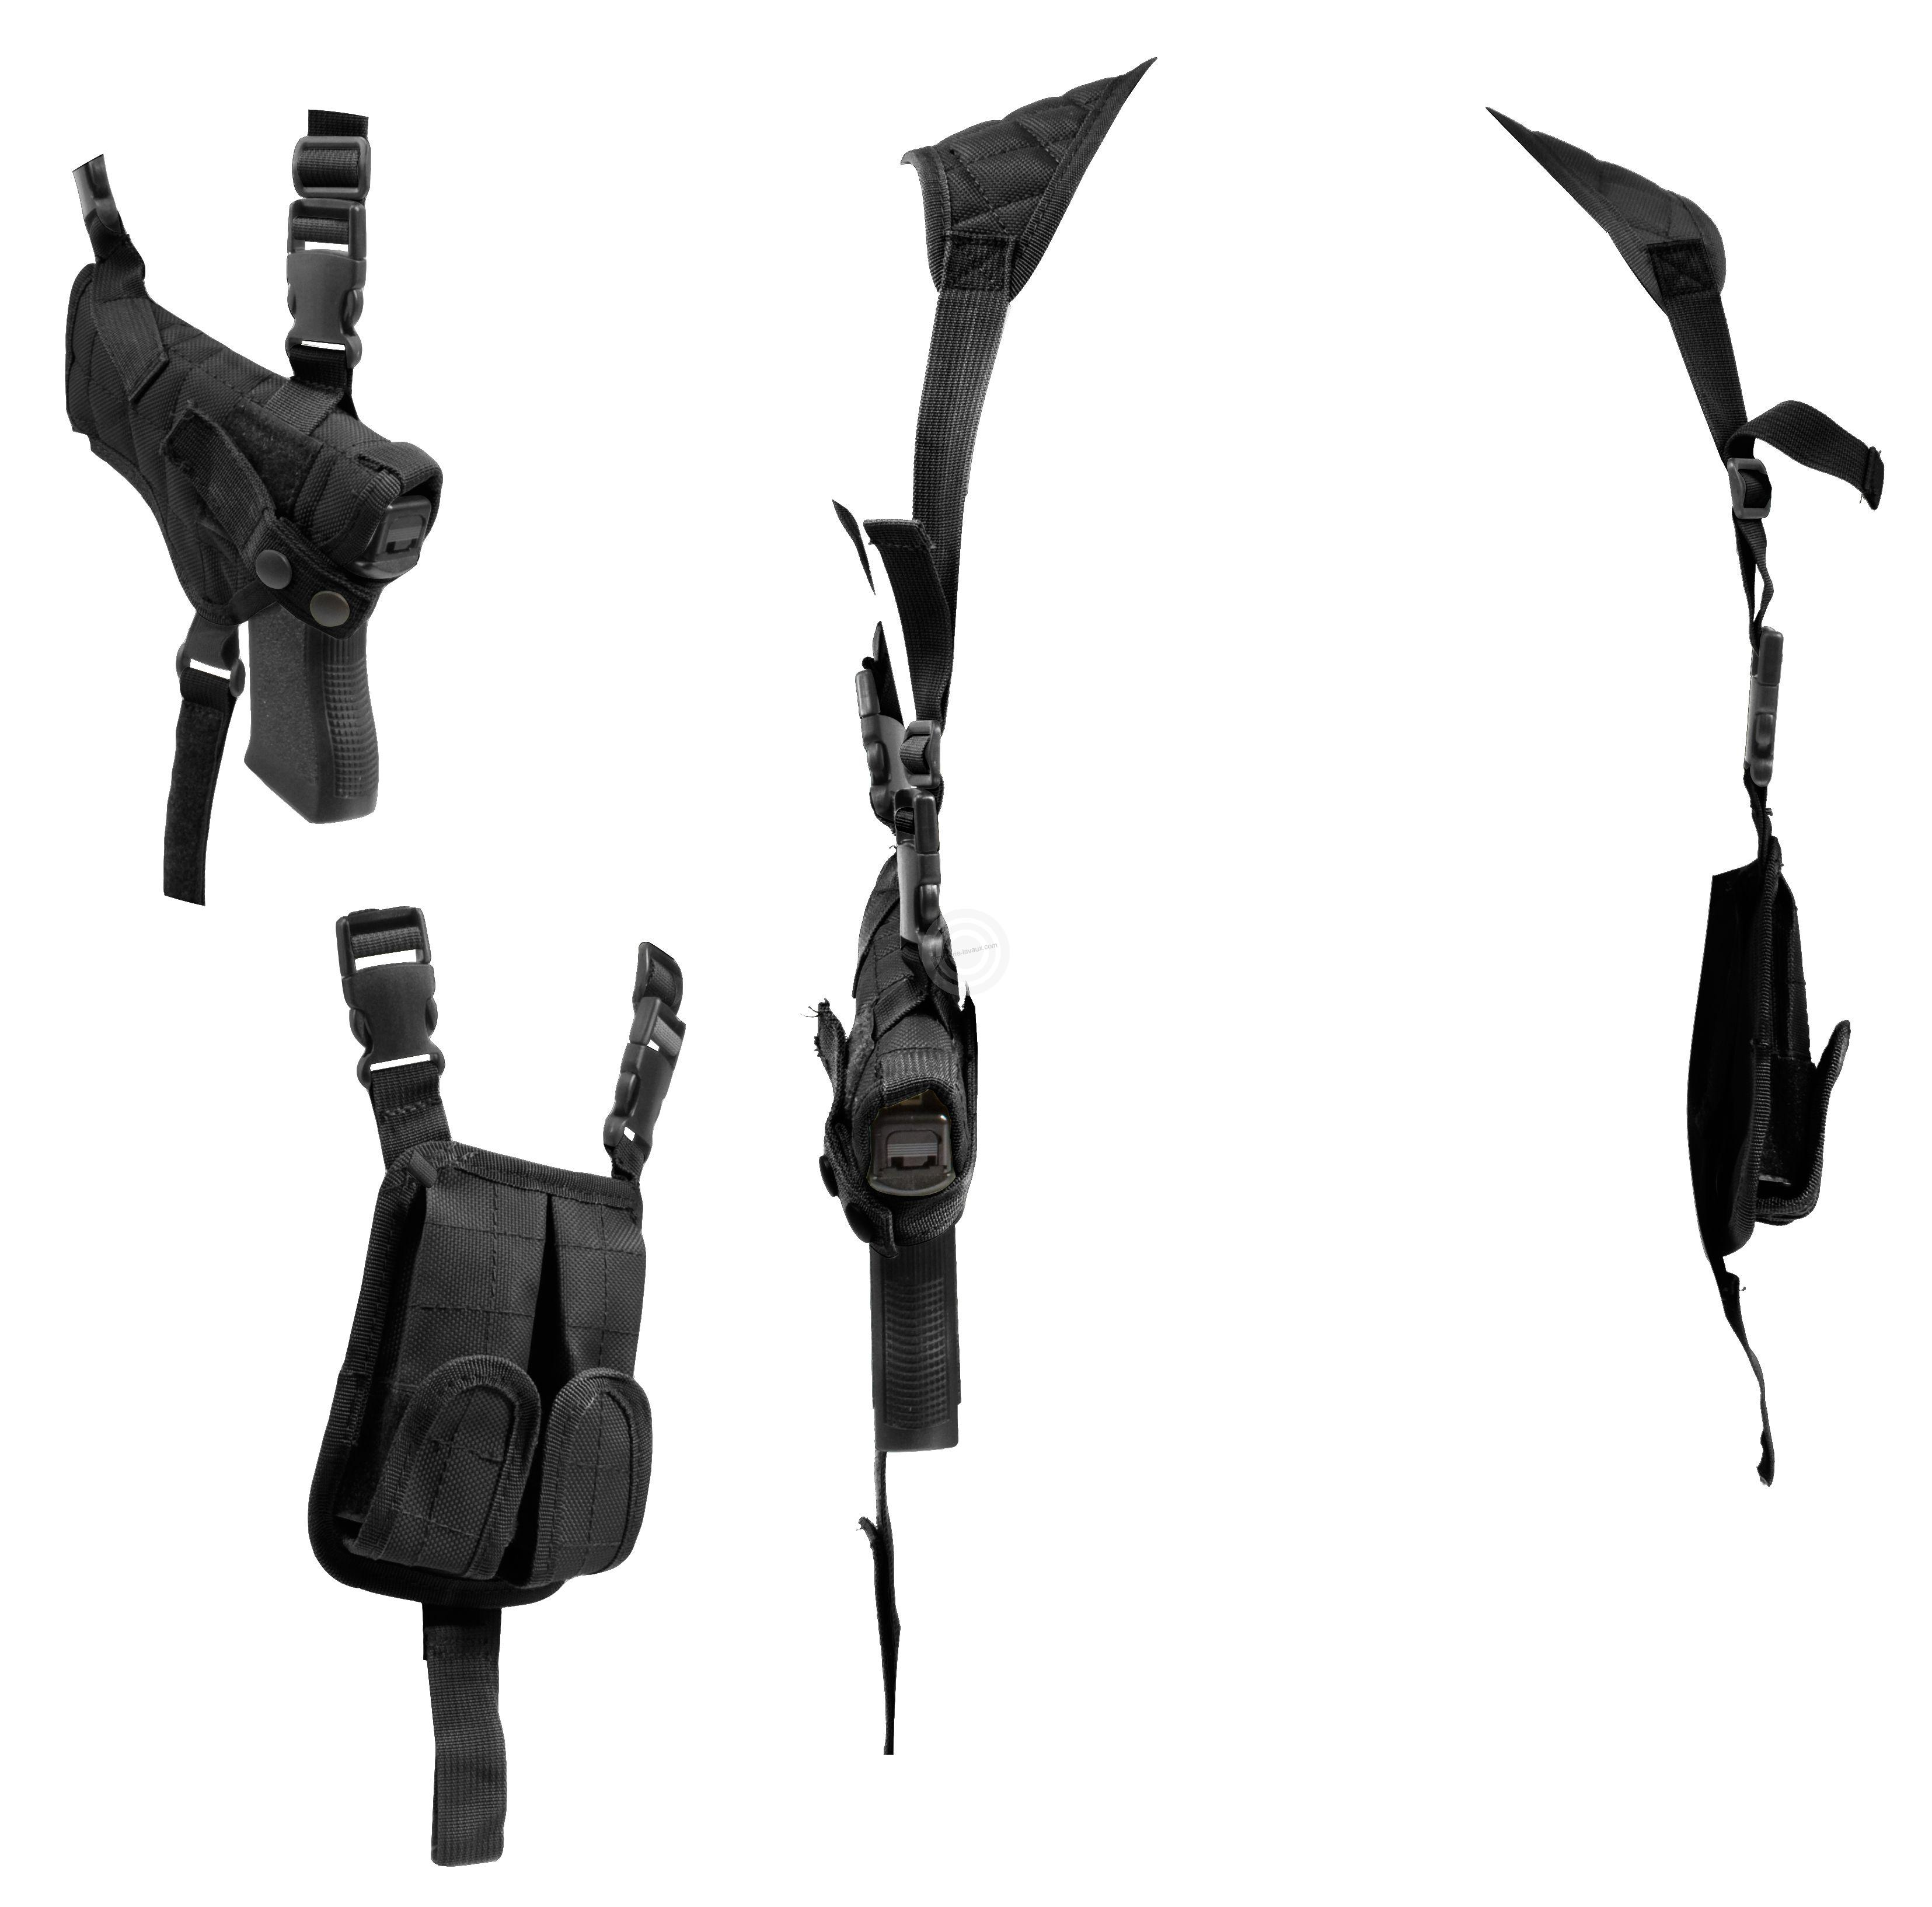 Holster d'épaule UTG pour pistolet avec porte chargeur